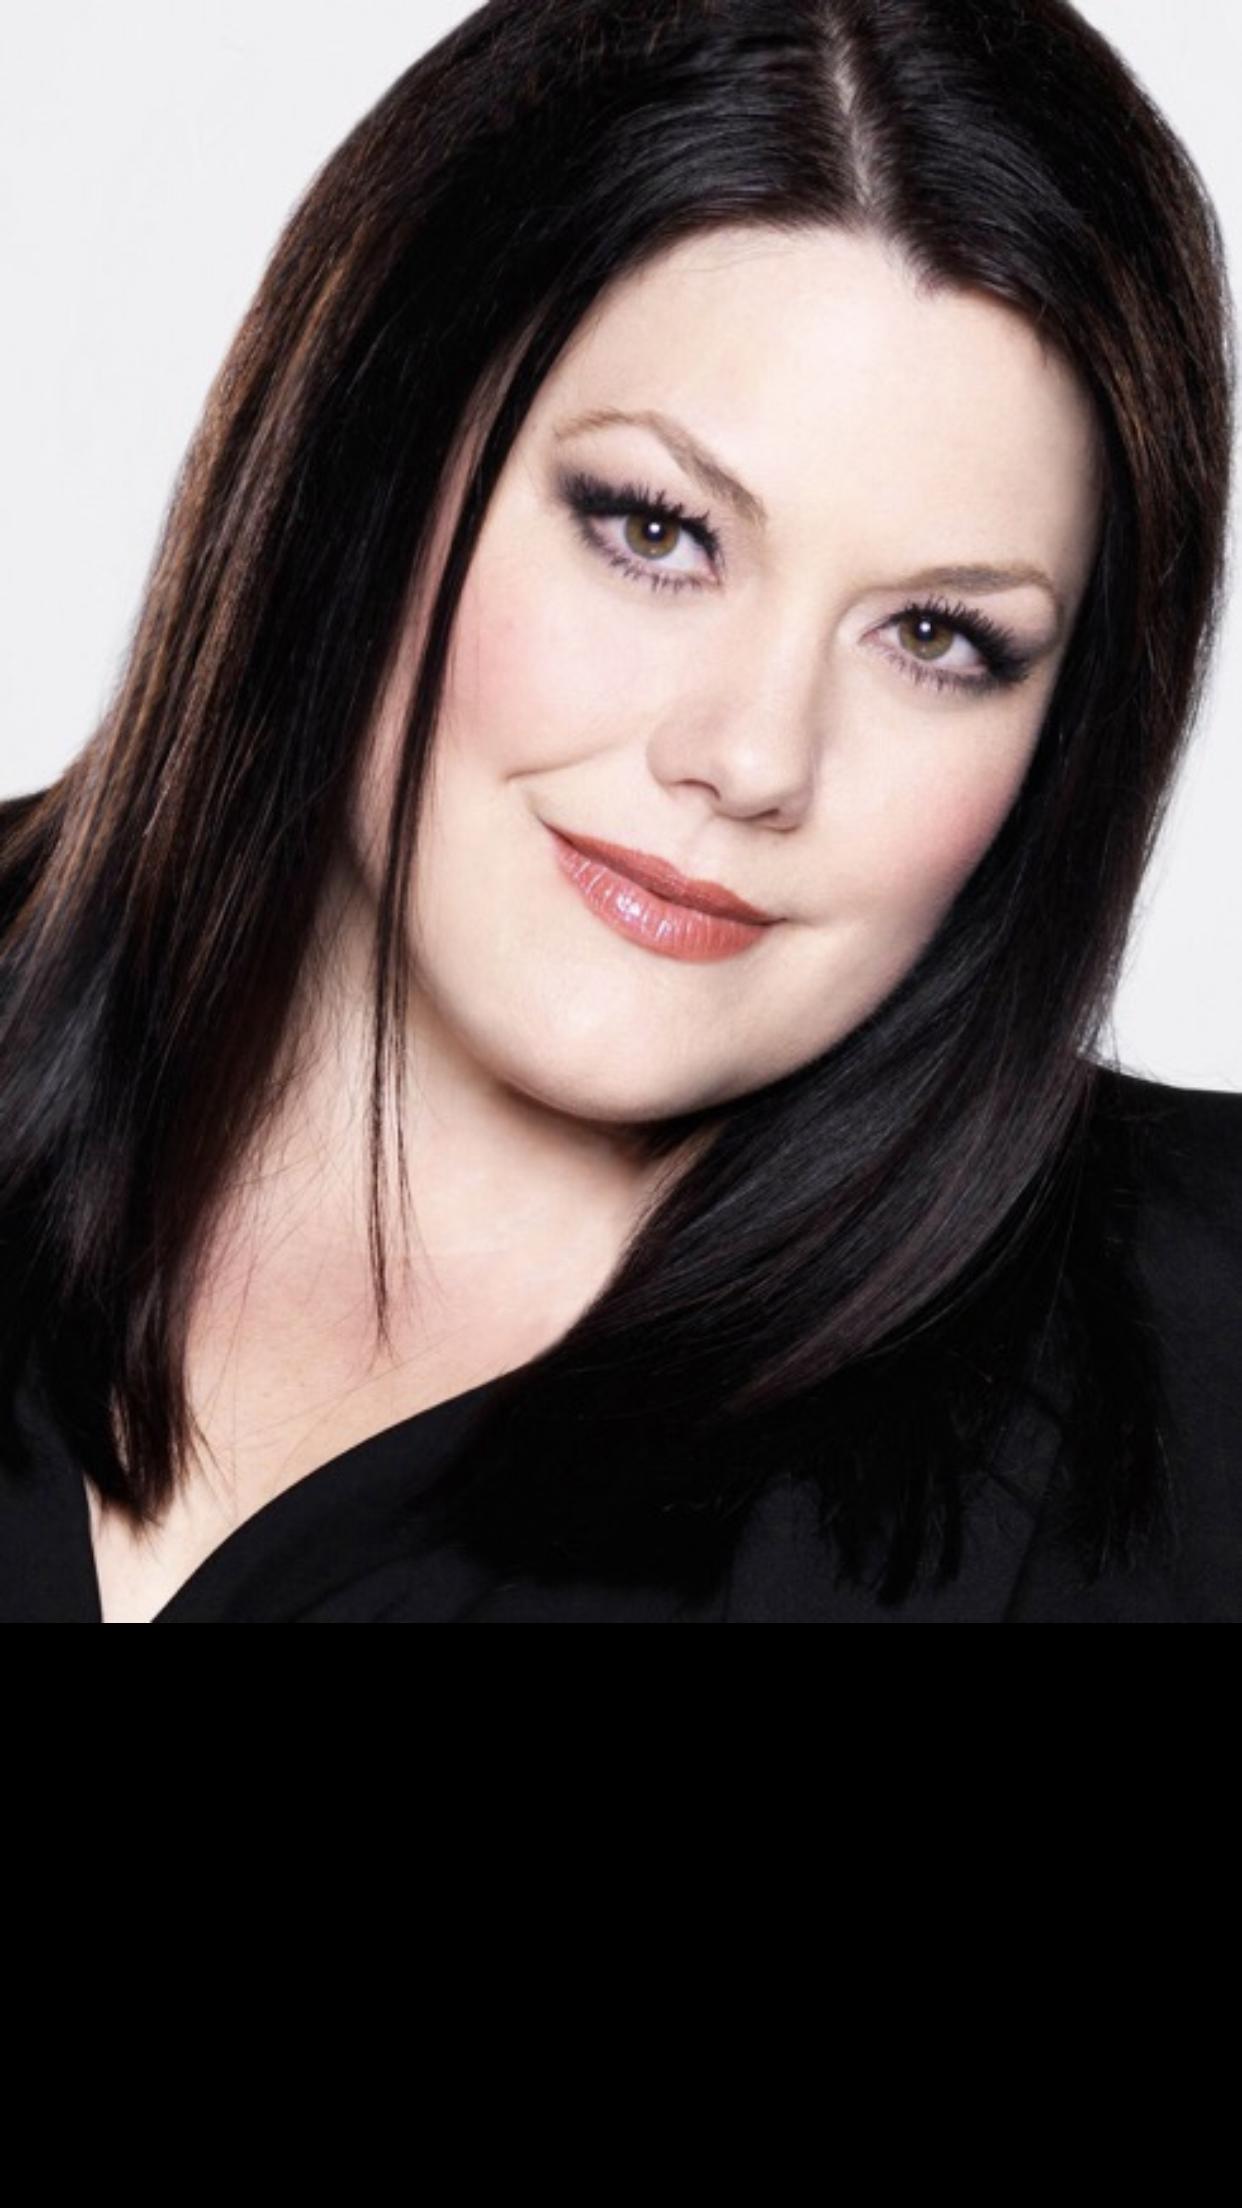 BROOKE ELLIOTT | Brooke elliott, Diva, Actors